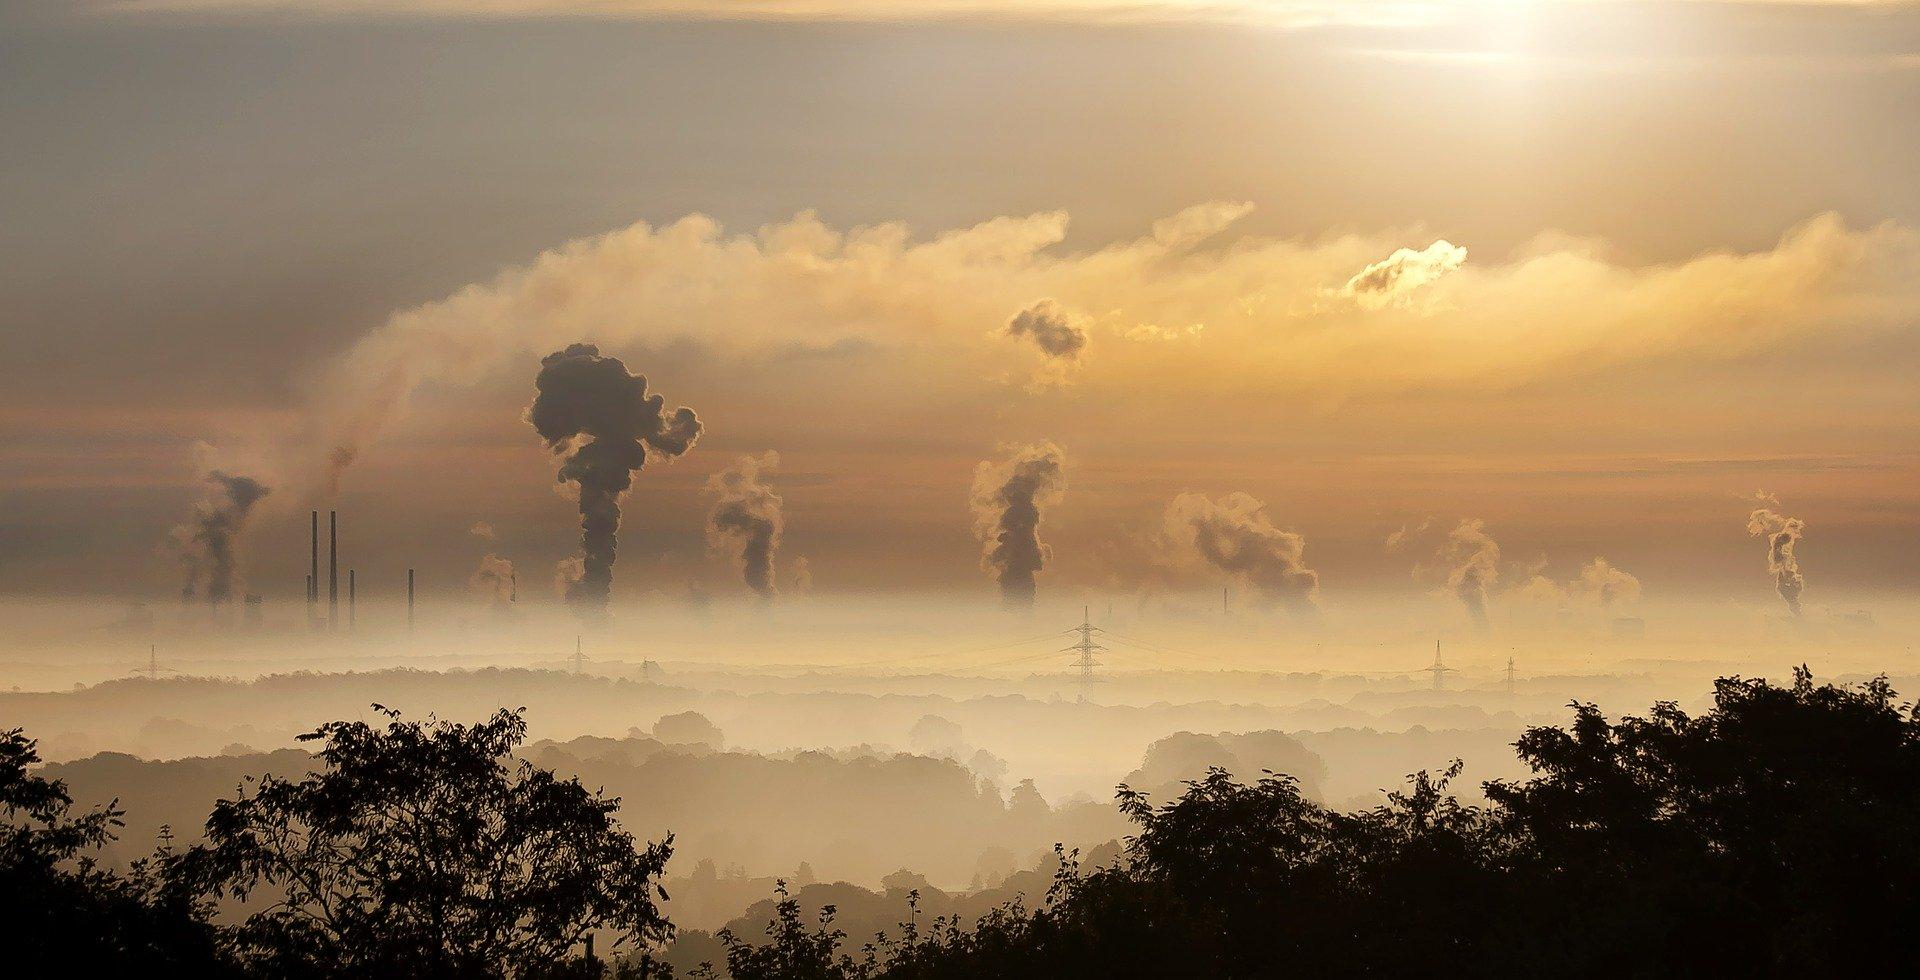 Acciaio all'idrogeno: piano del governo tedesco – Allo studio ci sono una serie di misure per sostenere l'industria siderurgica del Paese e agevolare la transizione